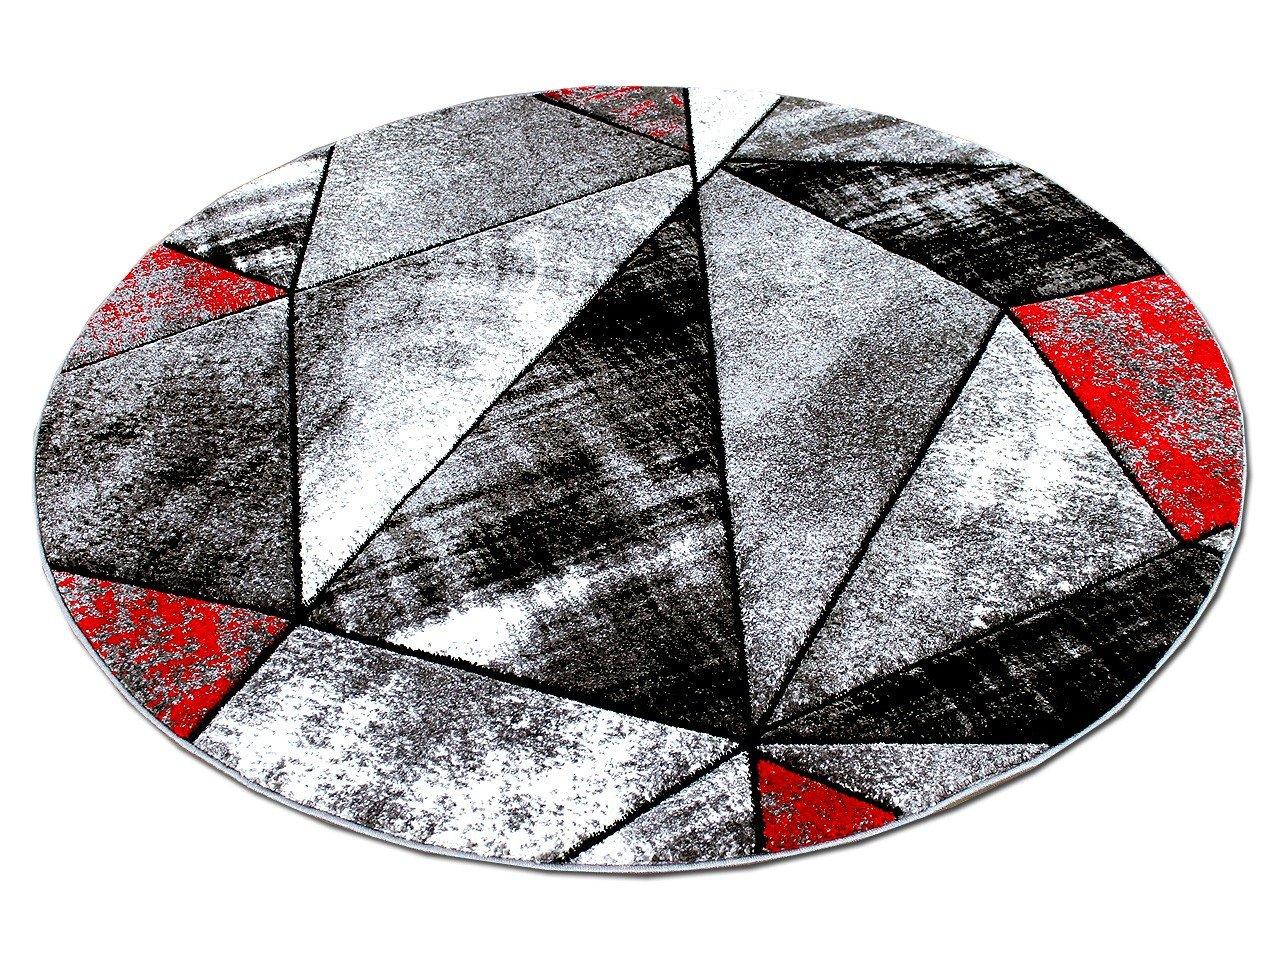 teppich rund stunning teppich rund blumen baumwolle cm. Black Bedroom Furniture Sets. Home Design Ideas